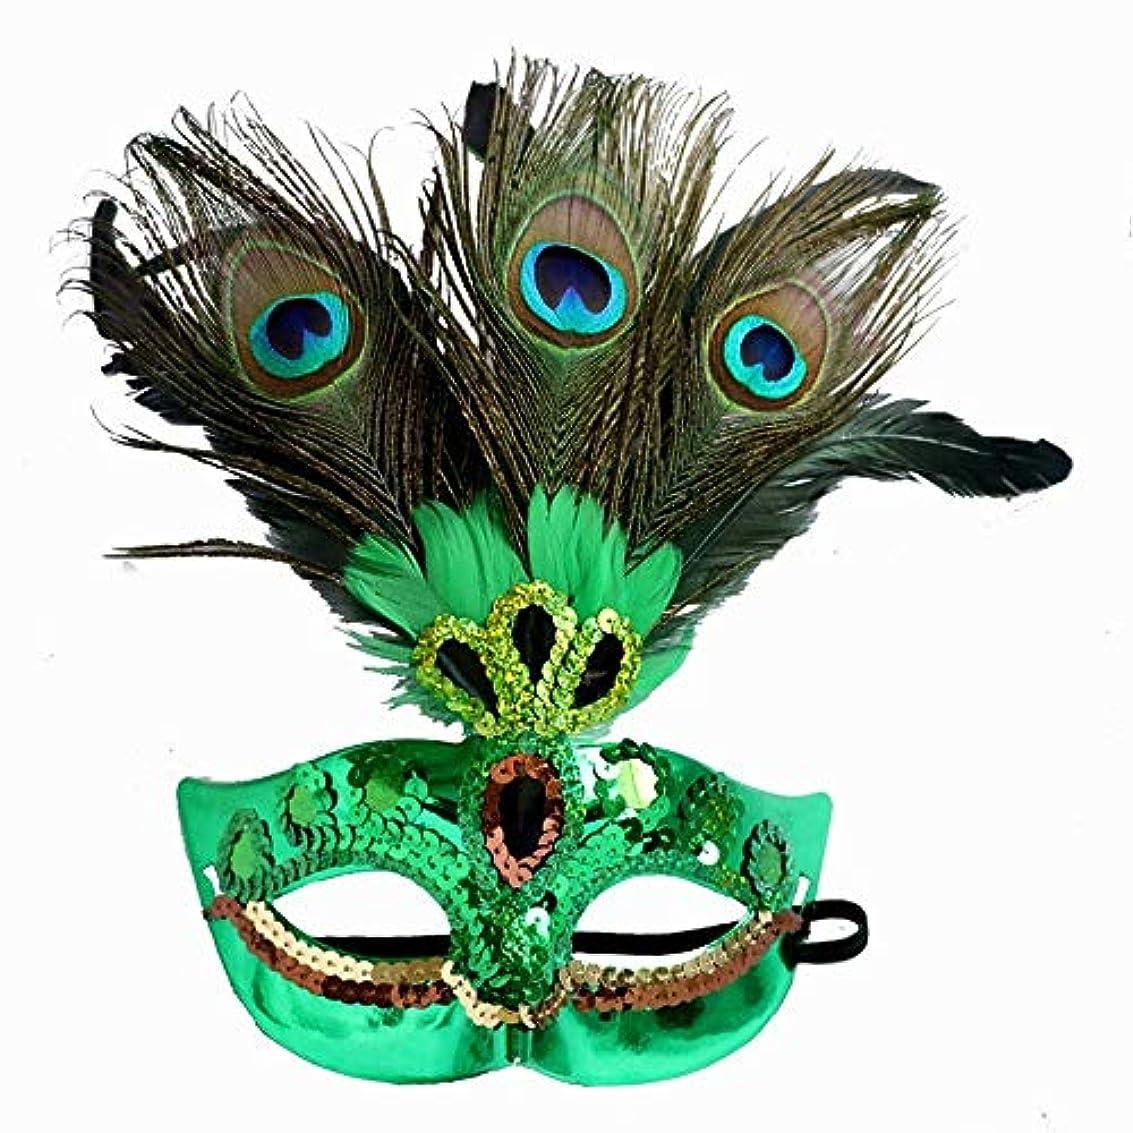 テーマ略奪冗談でダンスマスク 仮面舞踏会マスククジャクの羽パーティー衣装ハロウィンマスクボール目猫女性マスクハーフマスク ホリデーパーティー用品 (色 : 緑, サイズ : 18x25cm)